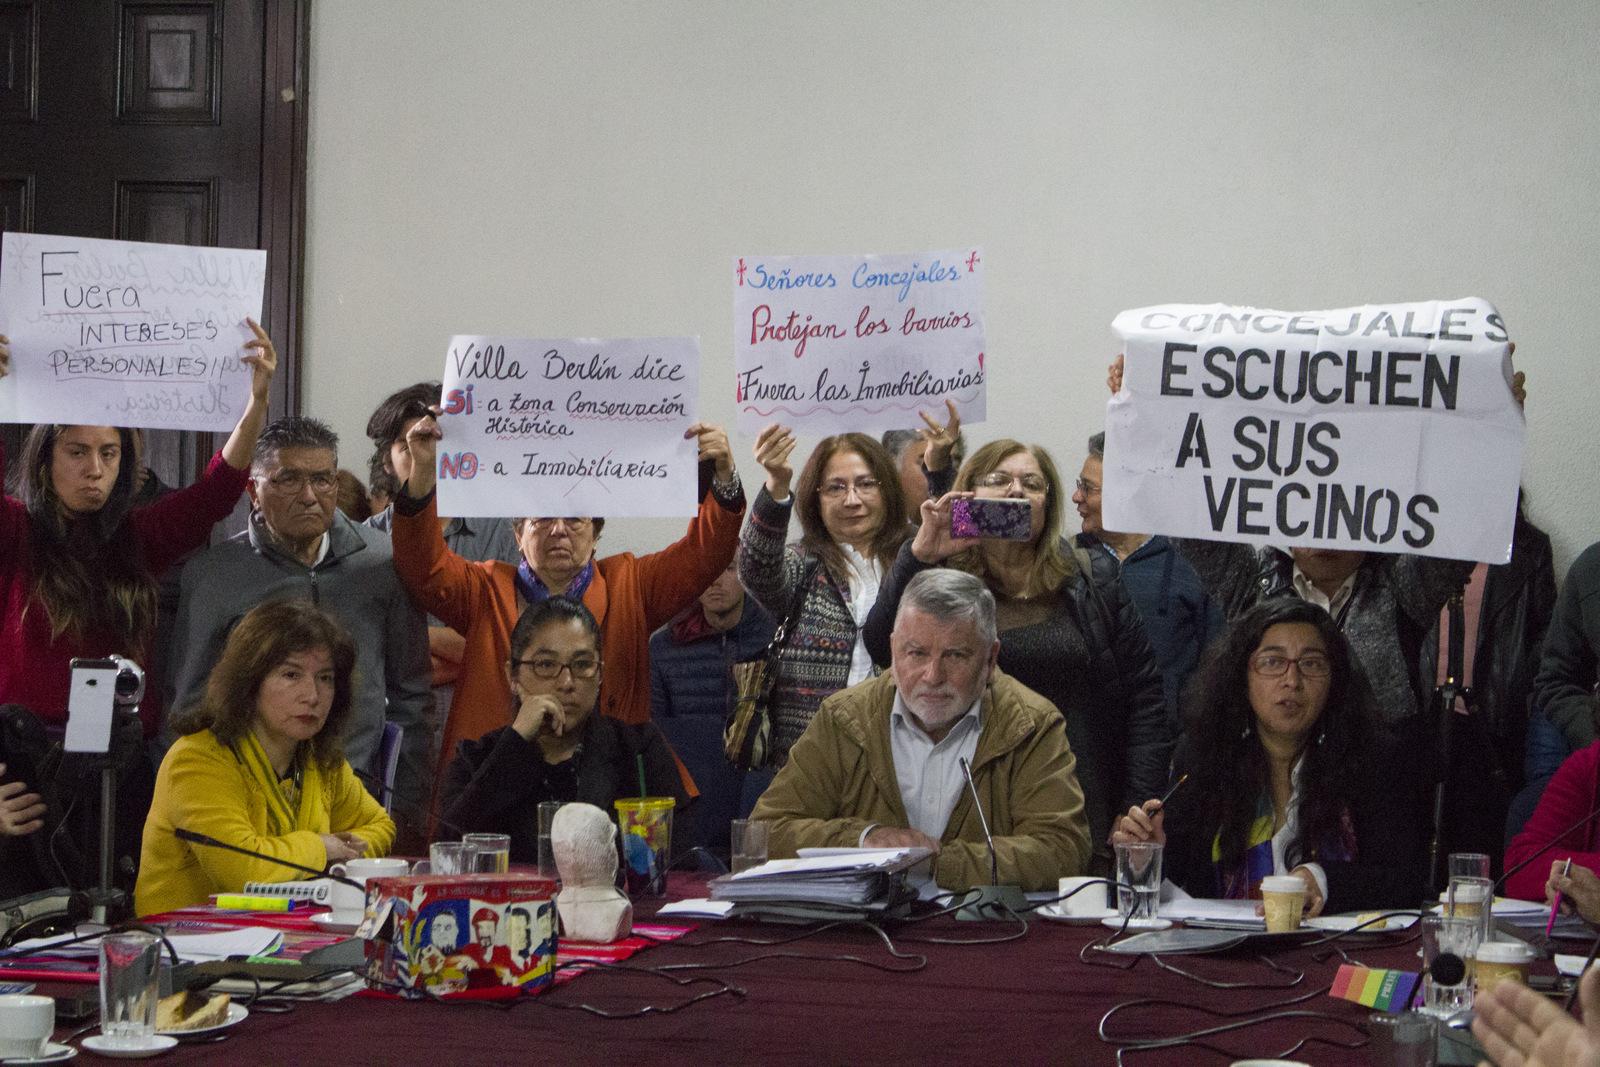 Valparaíso: Concejales aprueban modificaciones al Plan Regulador propuestas por la ciudadanía